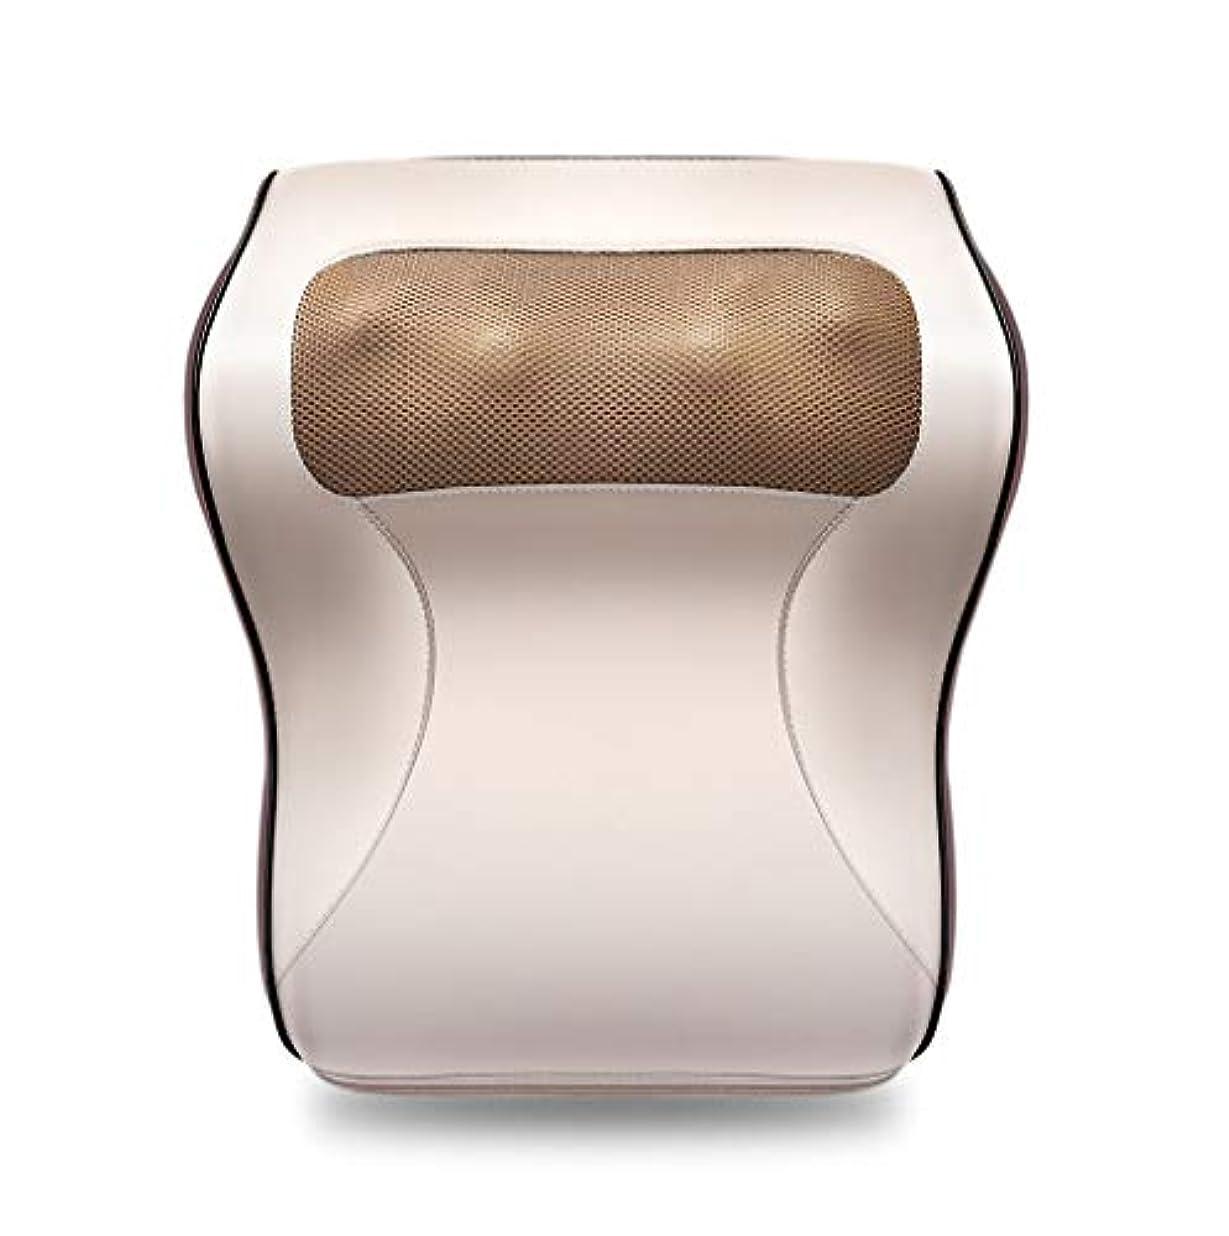 電球レポートを書く呼吸多機能マッサージャー、車/ホームネックショルダーウエストマッサージ枕、オフィスのポータブルマッサージ枕で体の疲れや痛みを和らげる